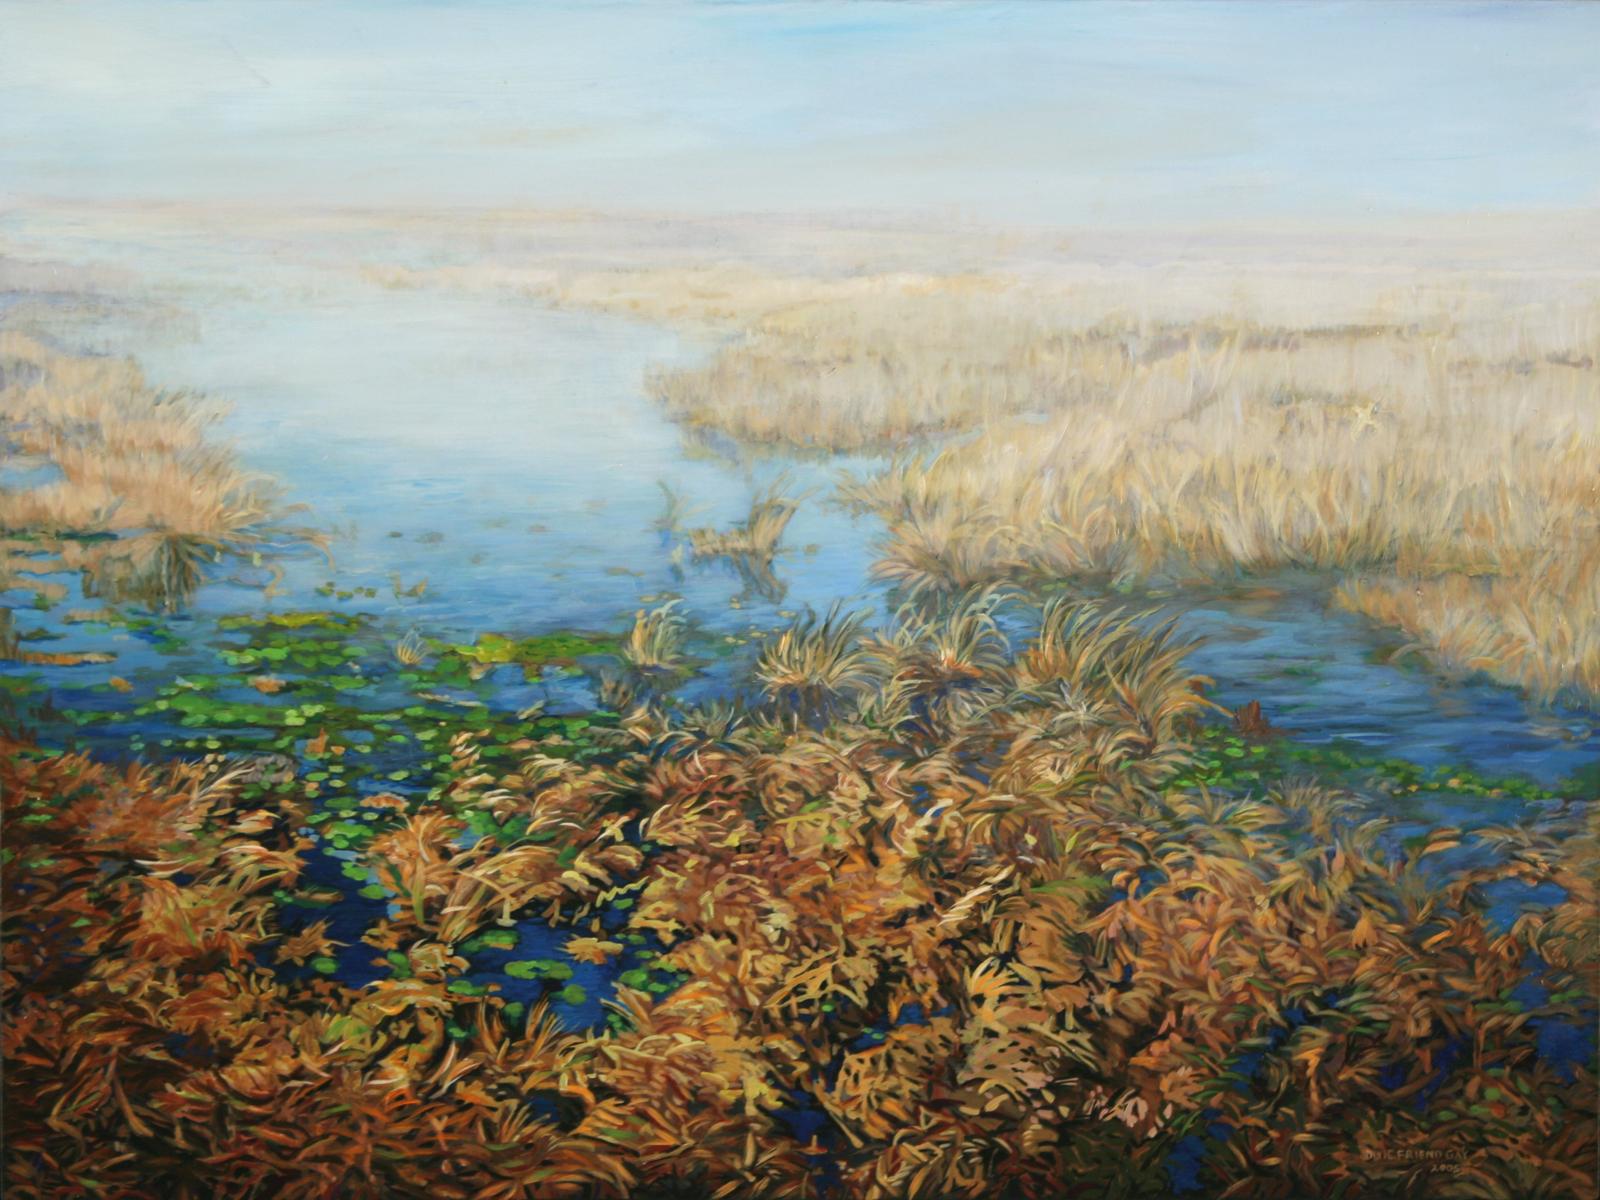 Texas Wetlands, 2005